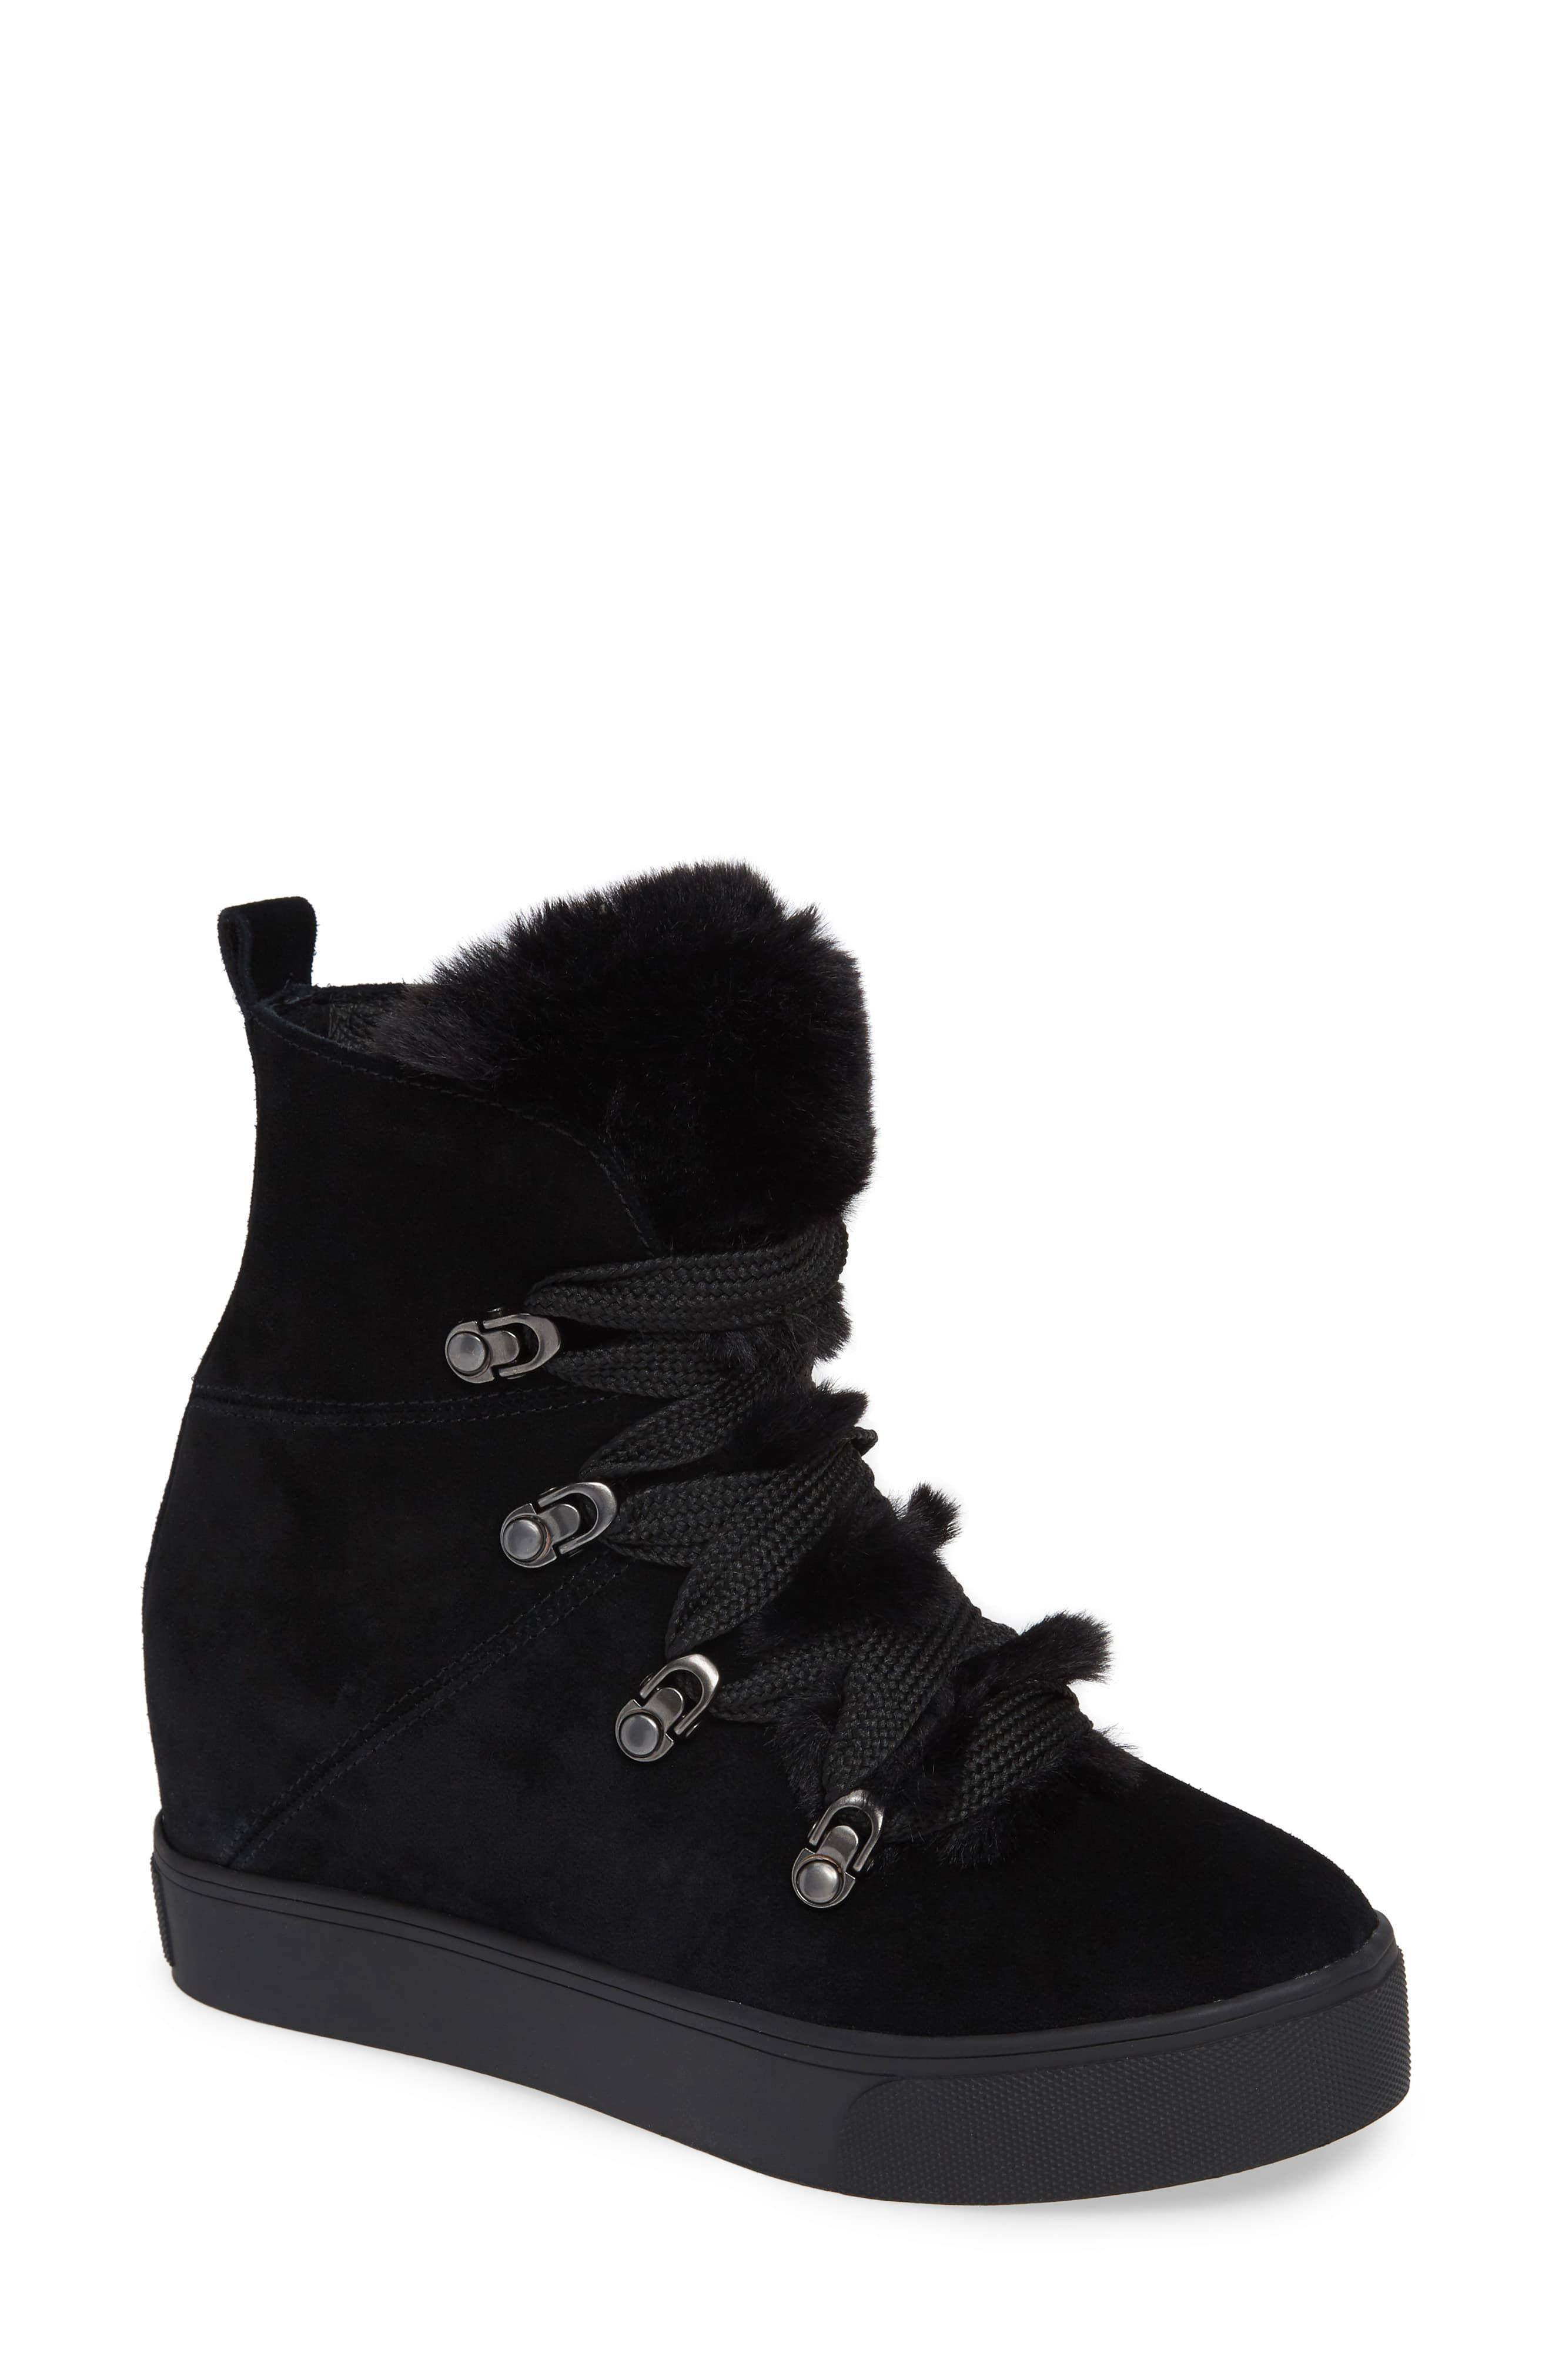 b8db36de095 Women's Jslides Whitney Faux Fur Trim High Top Sneaker, Size 5 M ...